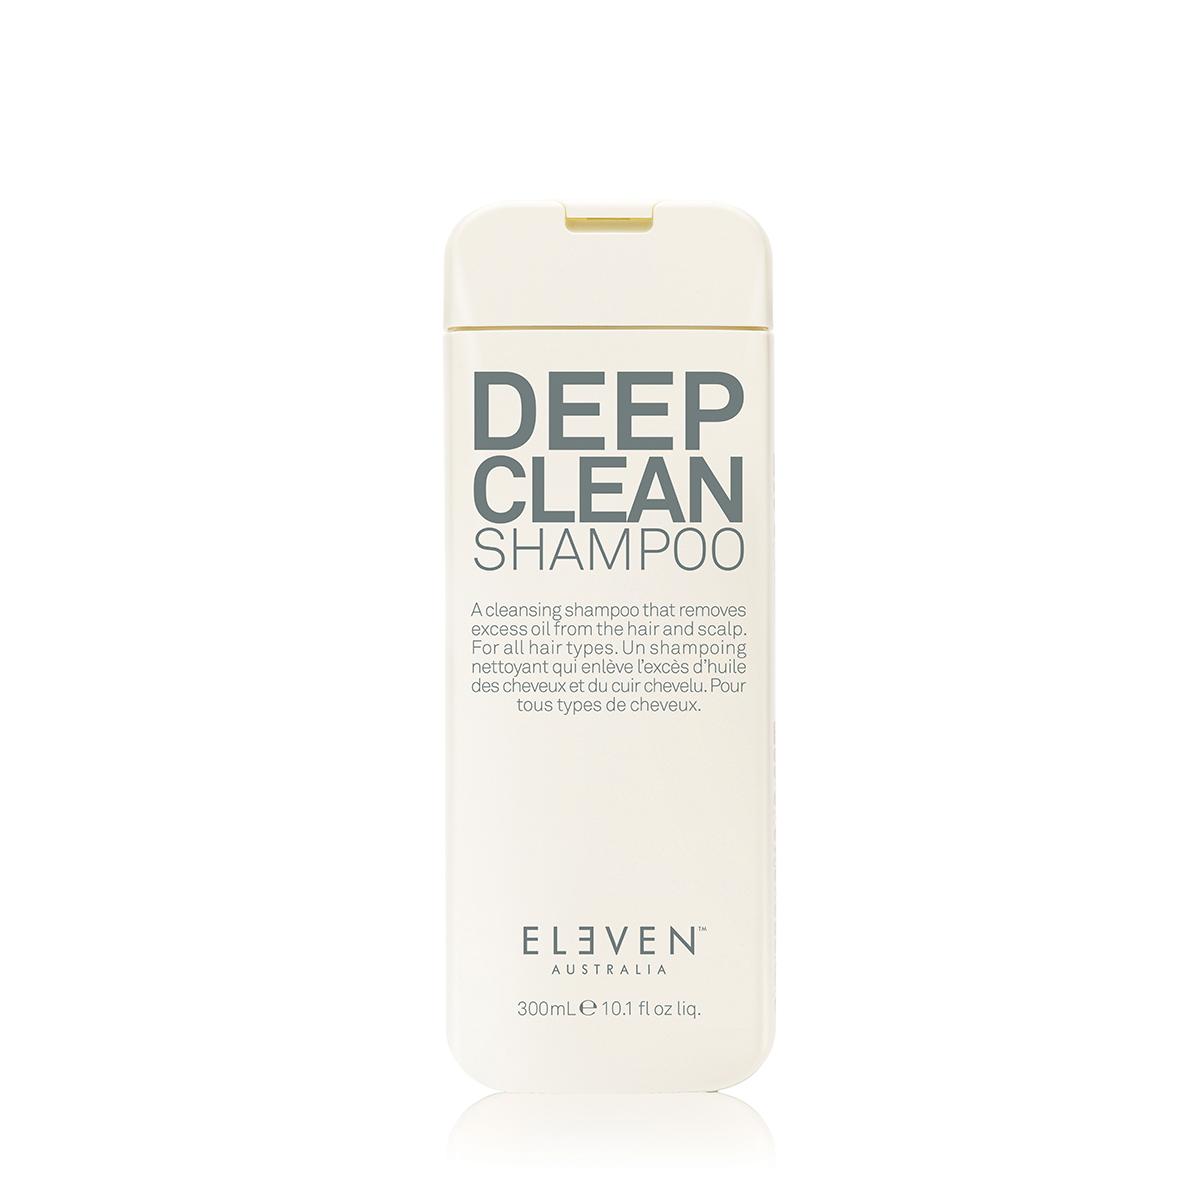 DEEP CLEAN SHAMPOO